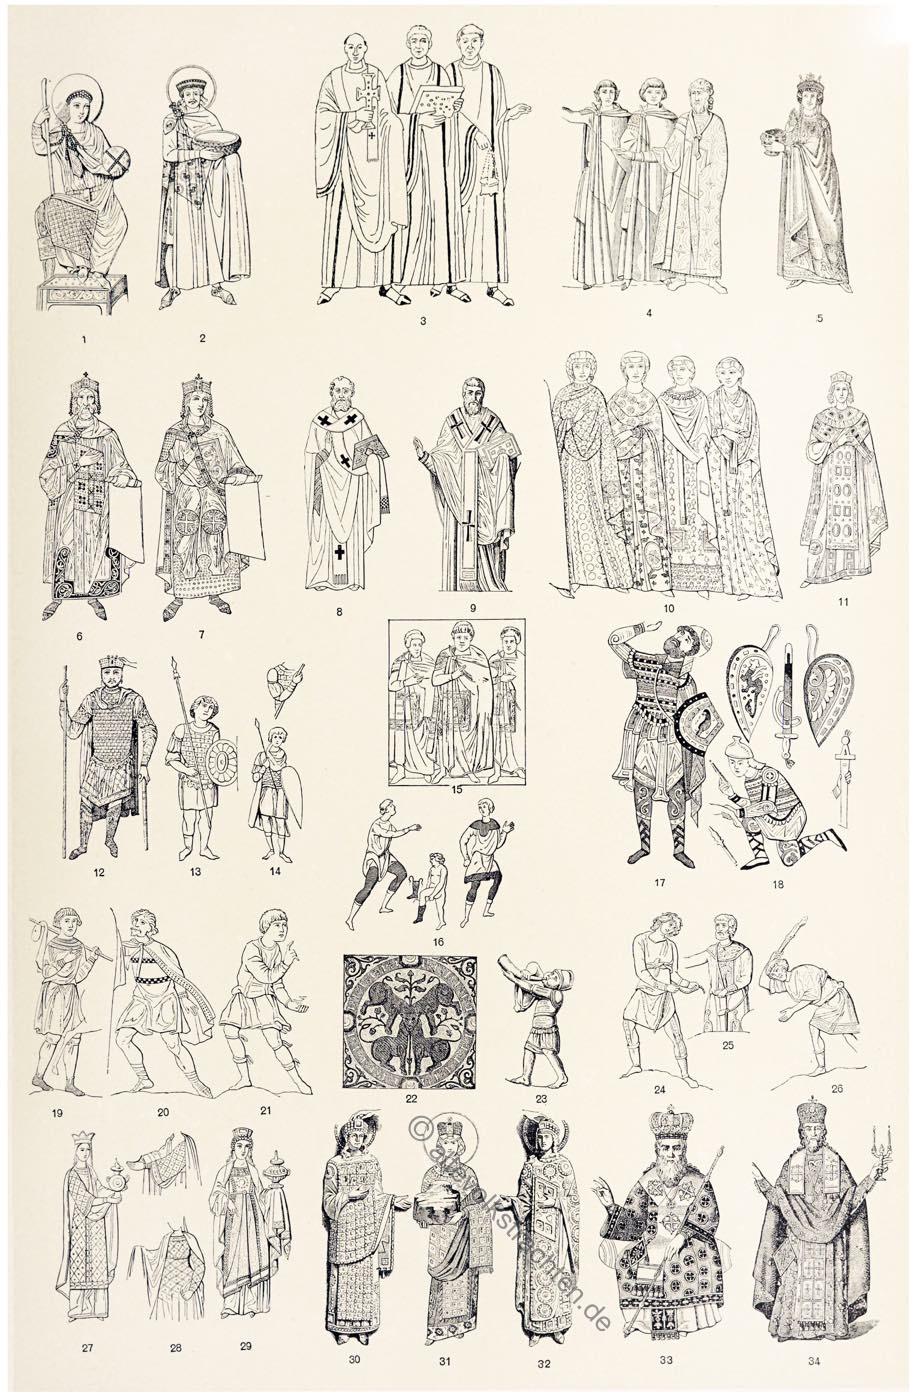 Byzanz, Kostümschnitte, Kleidung, Mode, Byzanz, Mittelalter